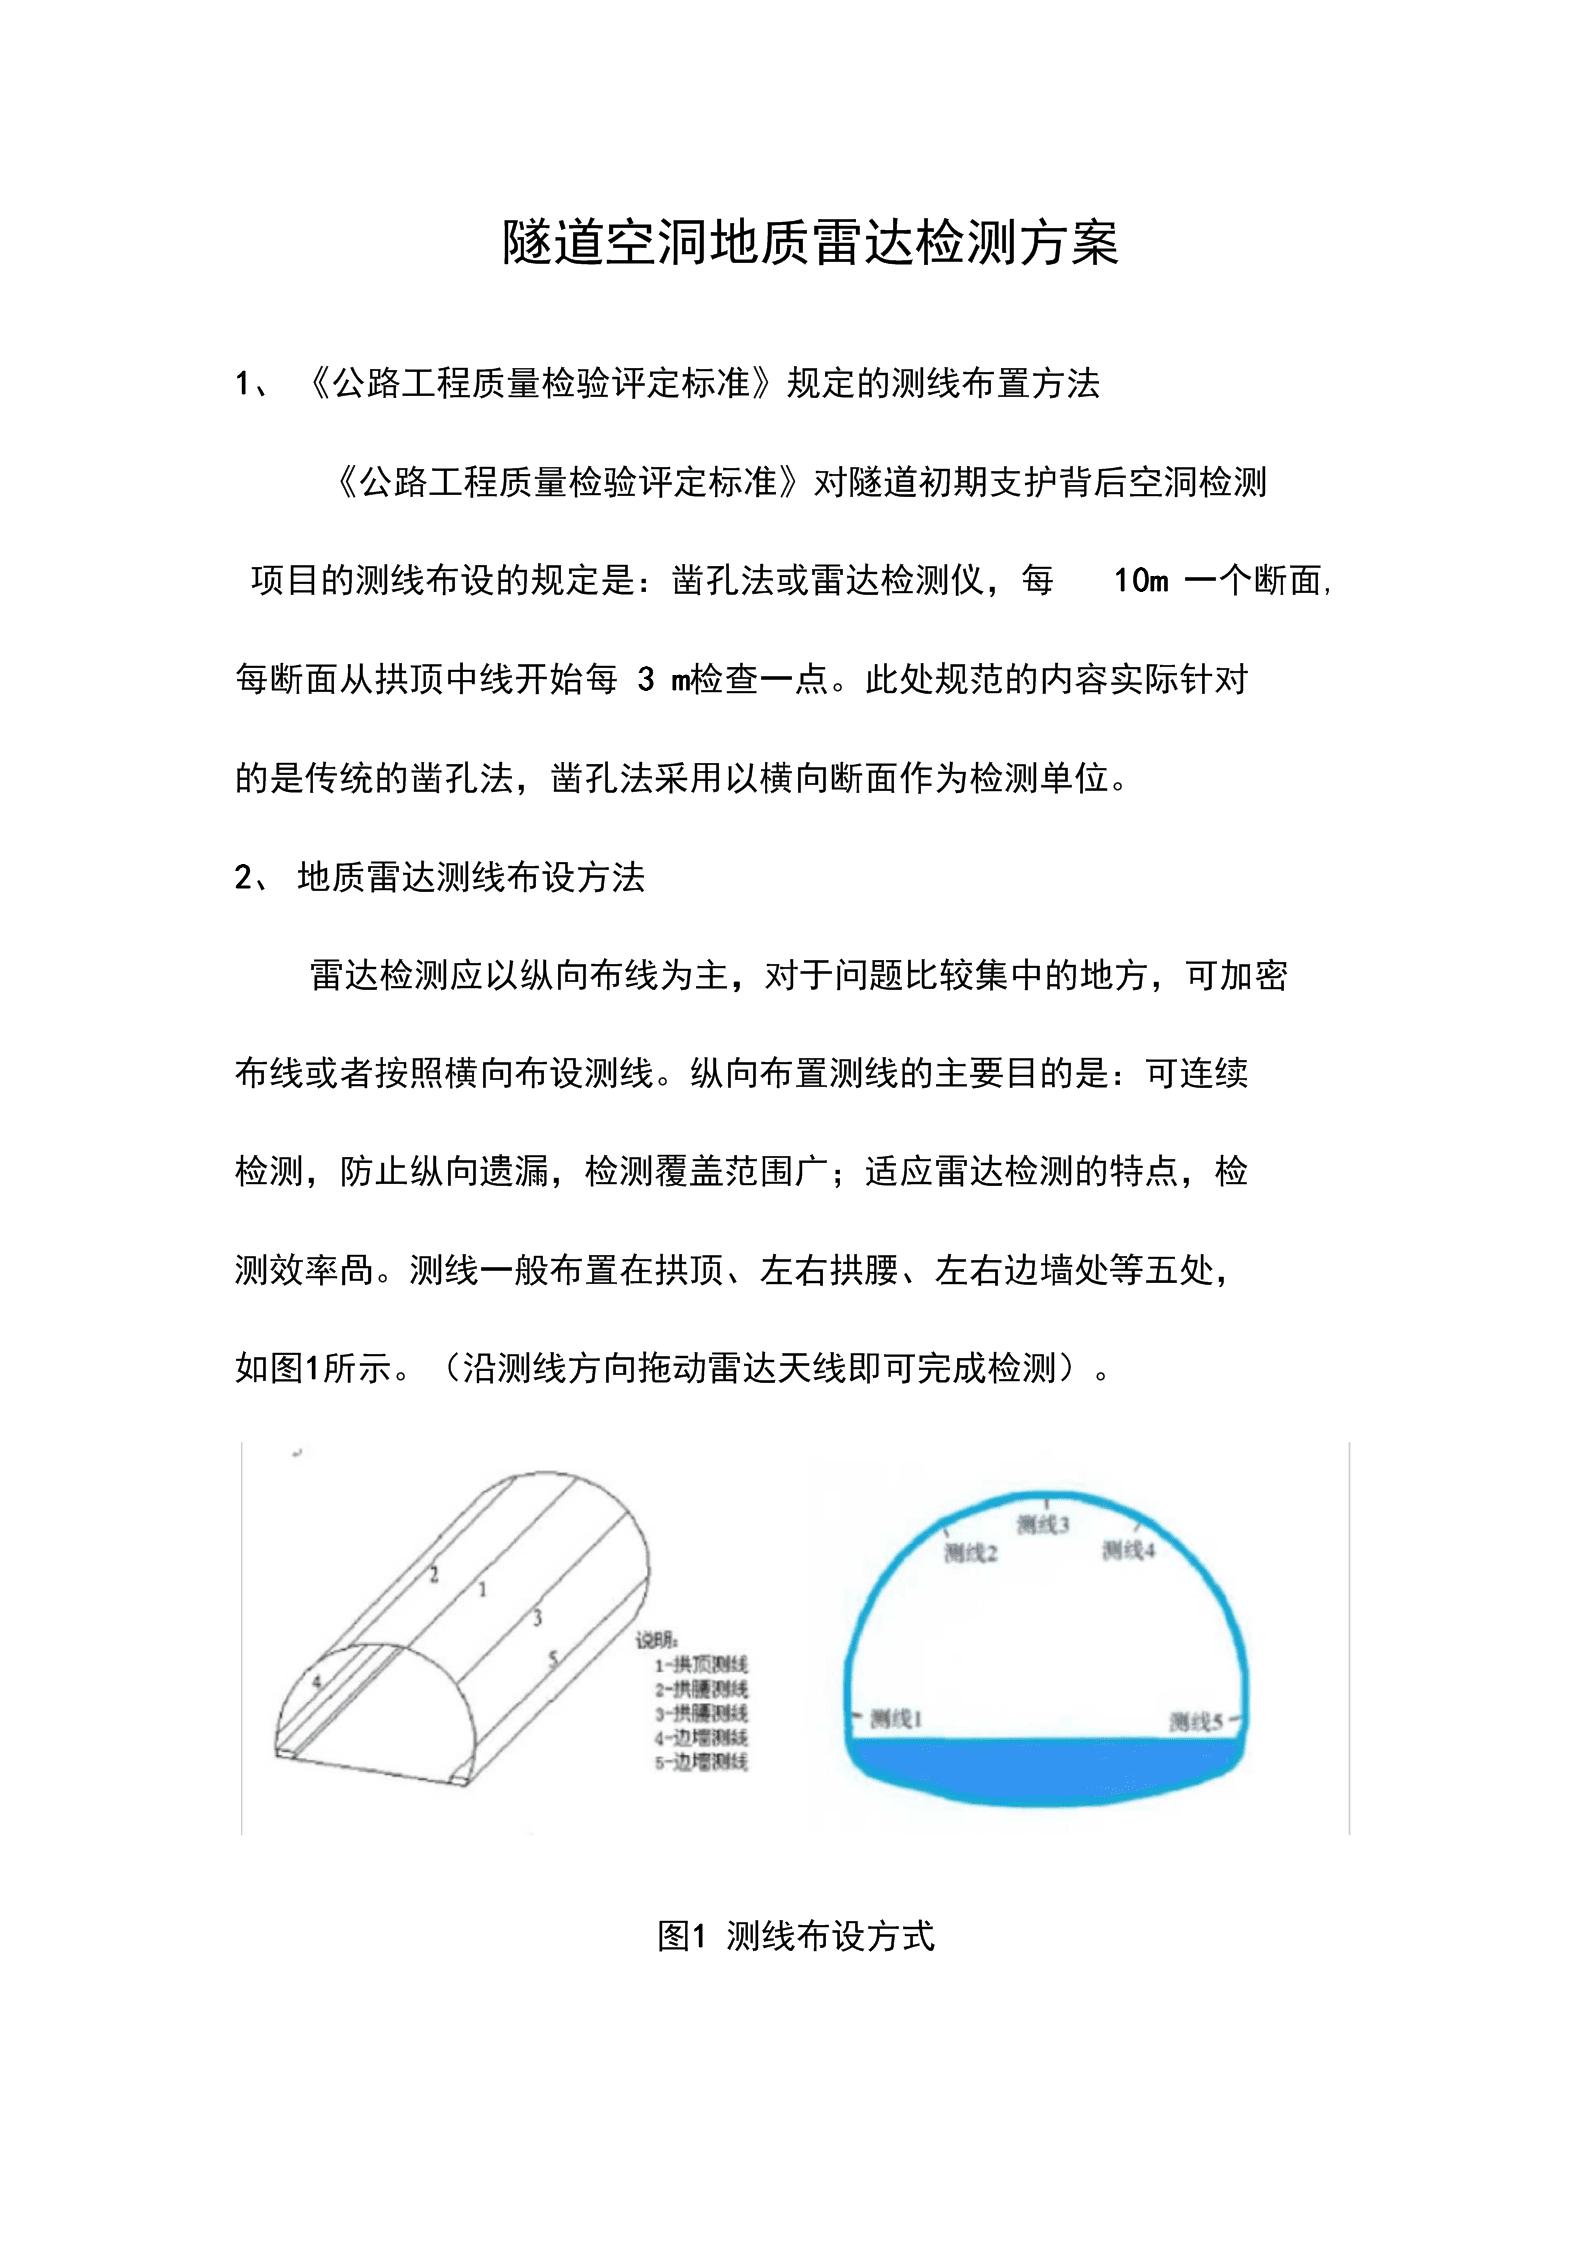 地质雷达测空洞方案.docx